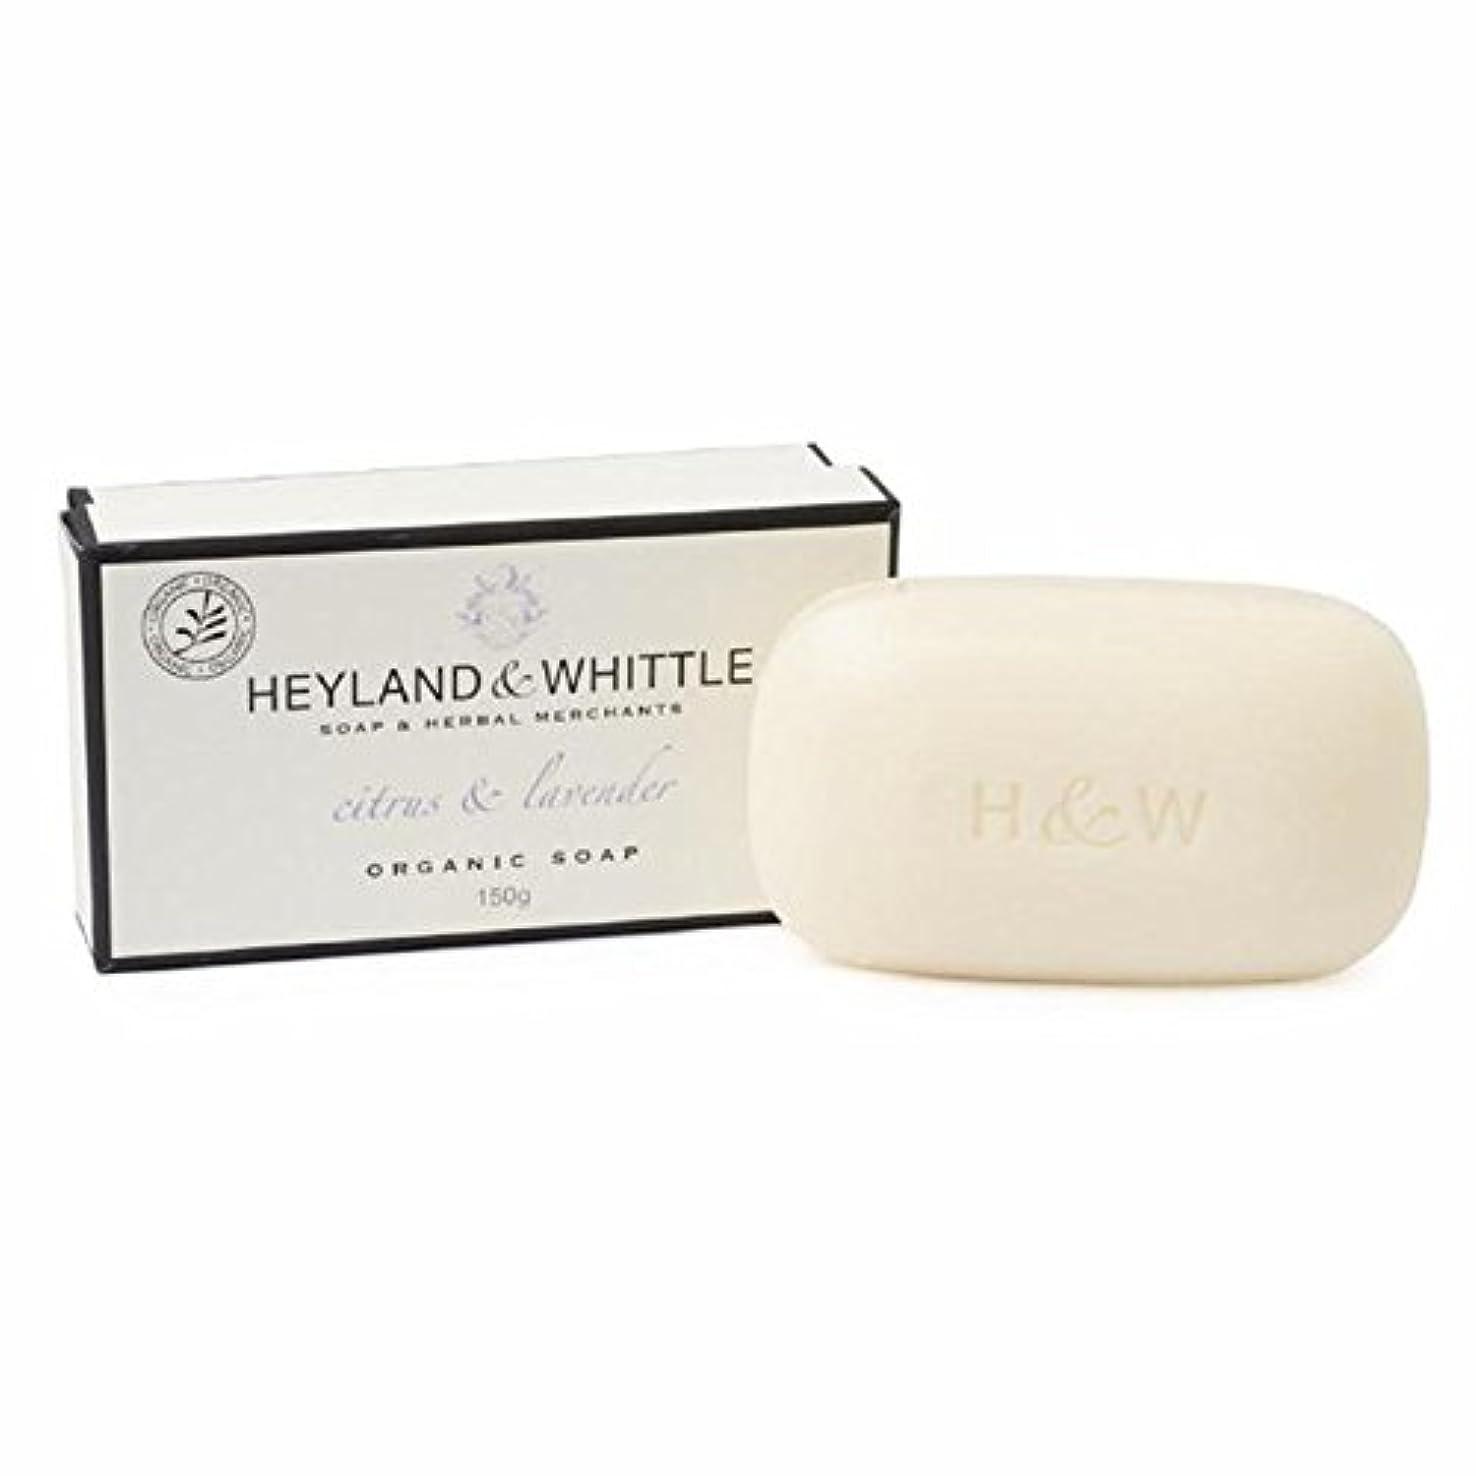 時刻表内側。&削るシトラス&ラベンダーは、有機石鹸150グラム箱入り x2 - Heyland & Whittle Citrus & Lavender Boxed Organic Soap 150g (Pack of 2) [並行輸入品]